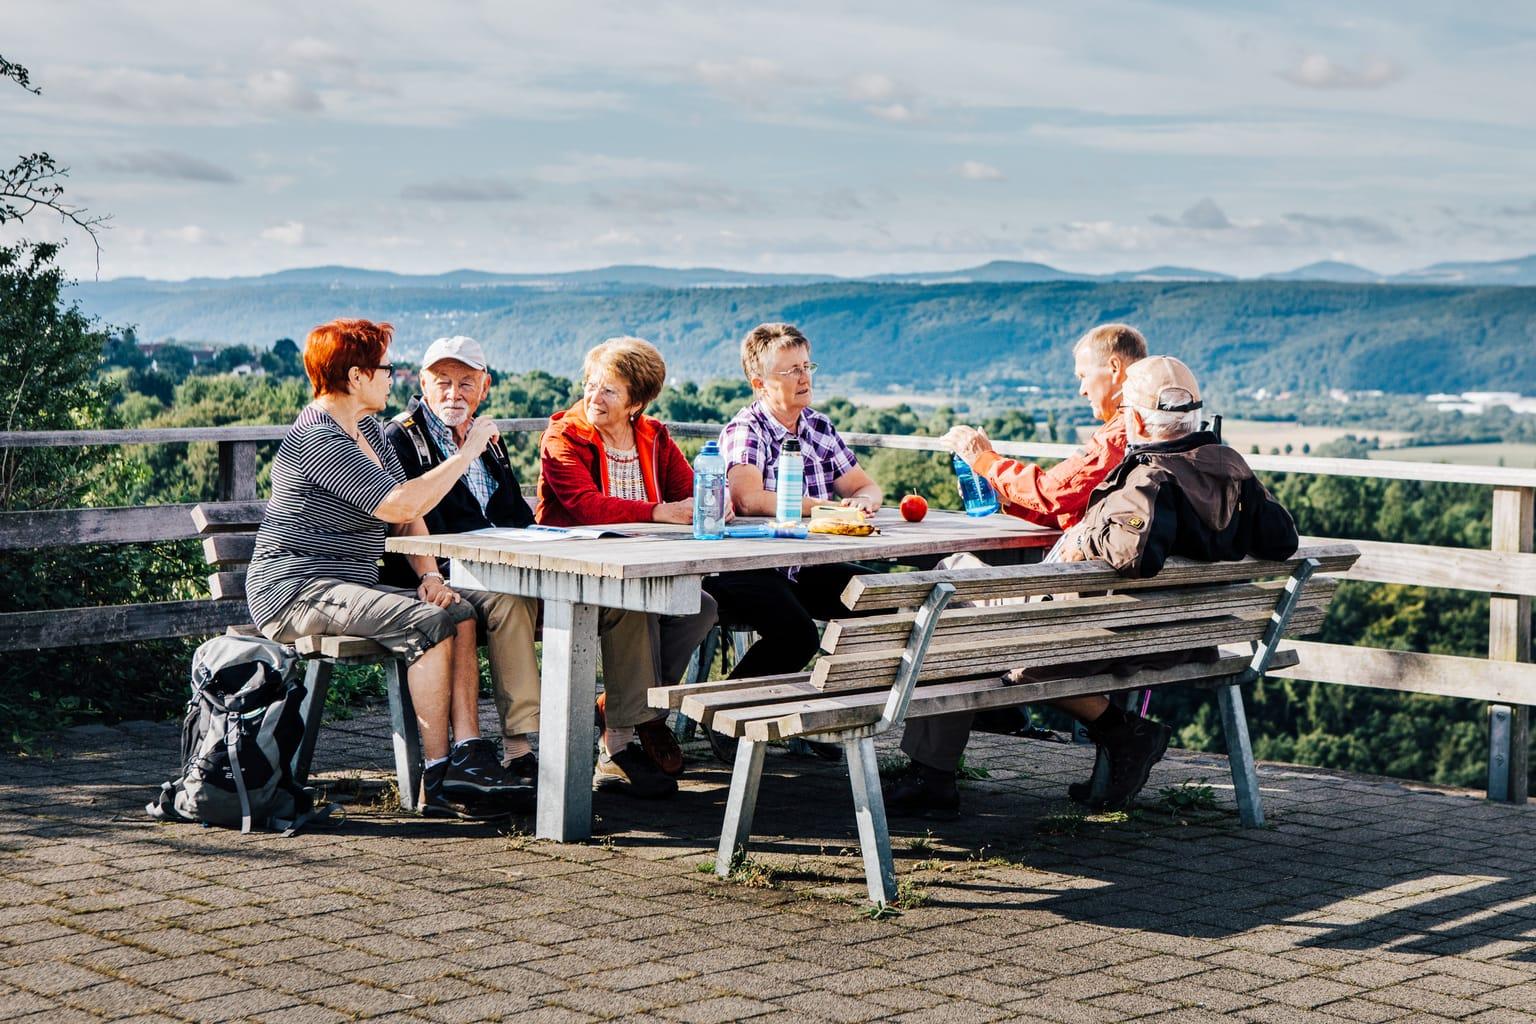 Schitterend uitzicht vanaf een heuvel bij Linz